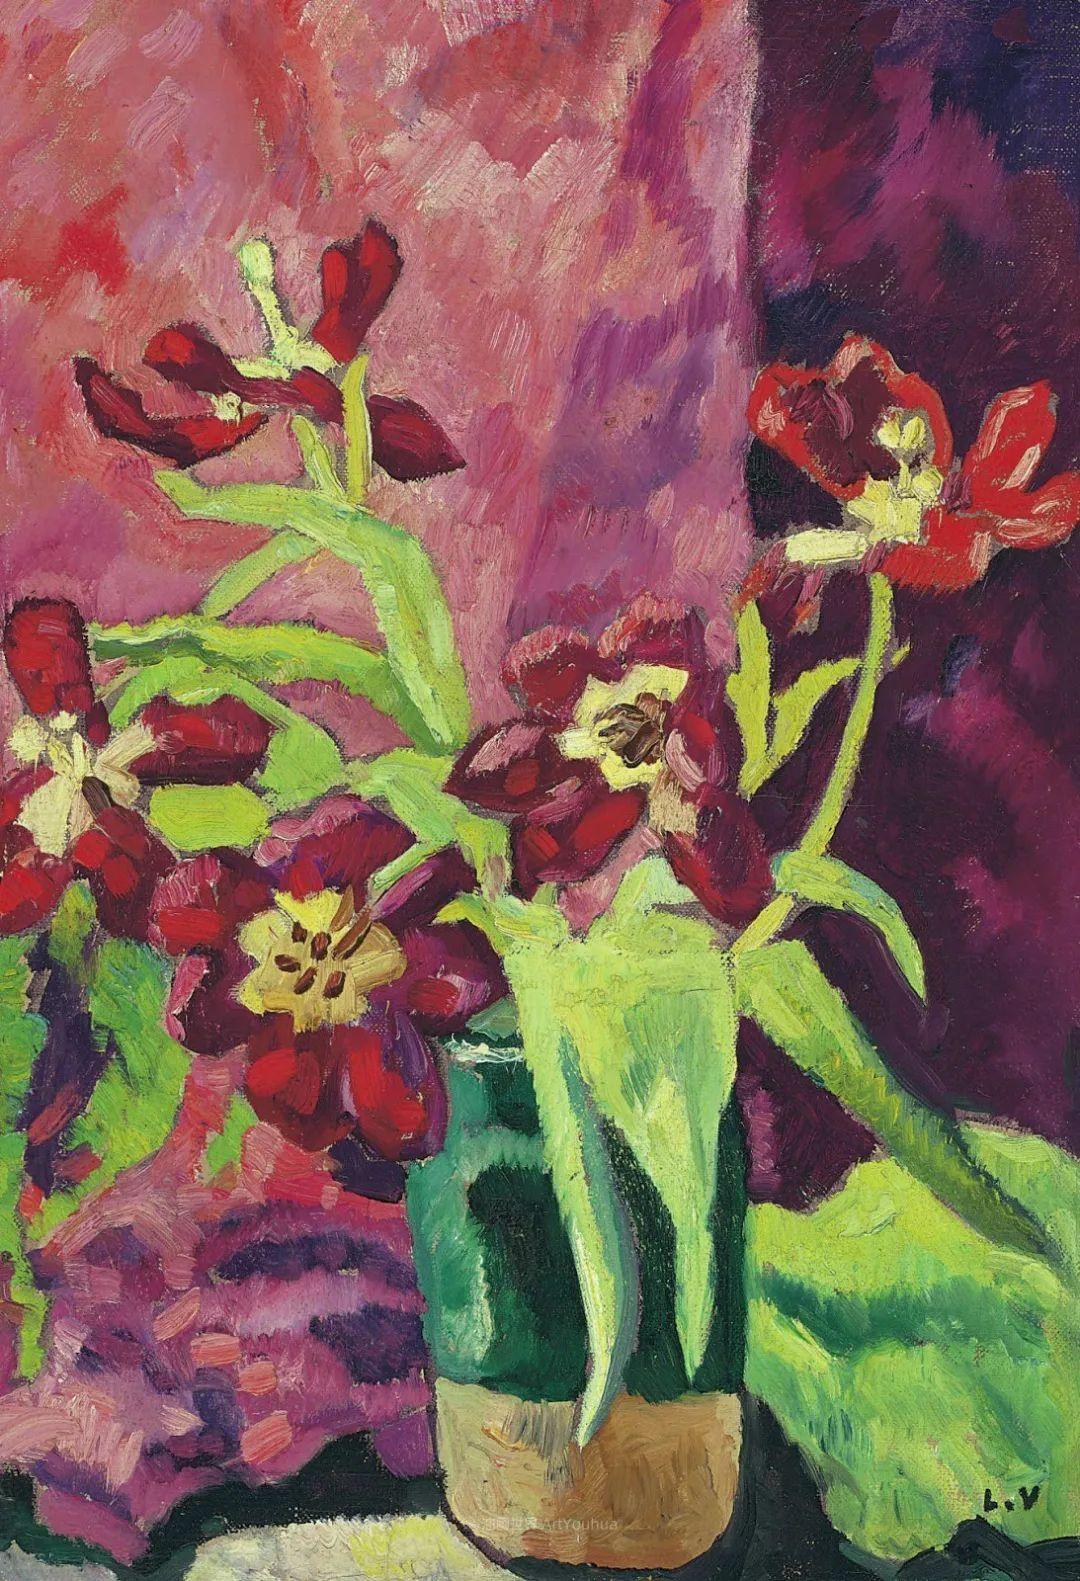 笔触粗犷,色彩令人陶醉,高清花卉作品插图22